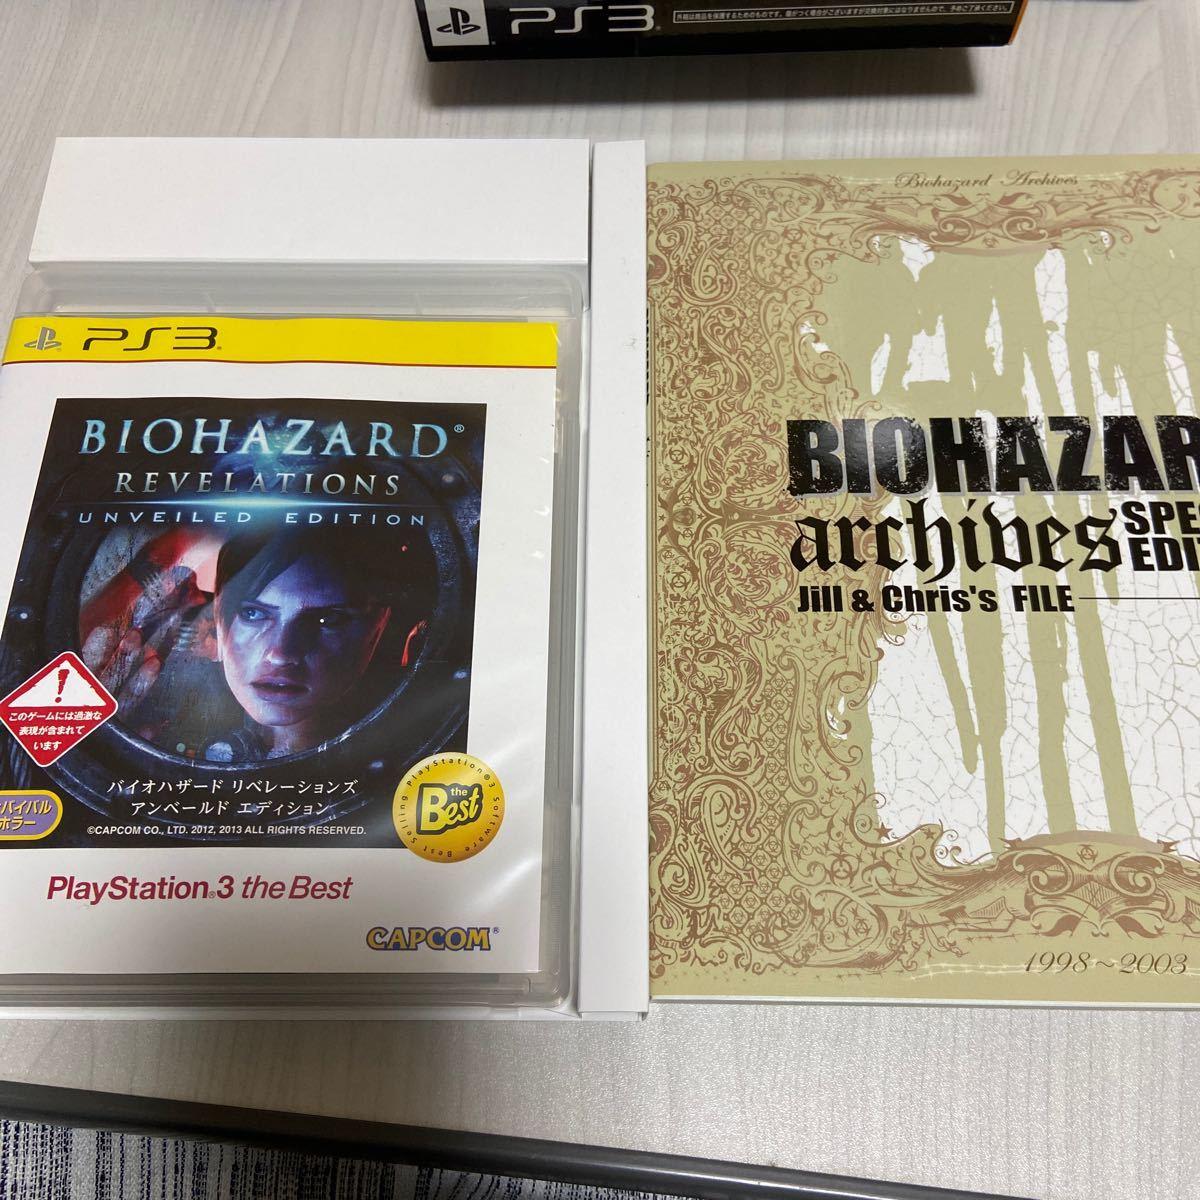 【PS3】 バイオハザード リベレーションズ アンベールド エディション [PS3 the best]